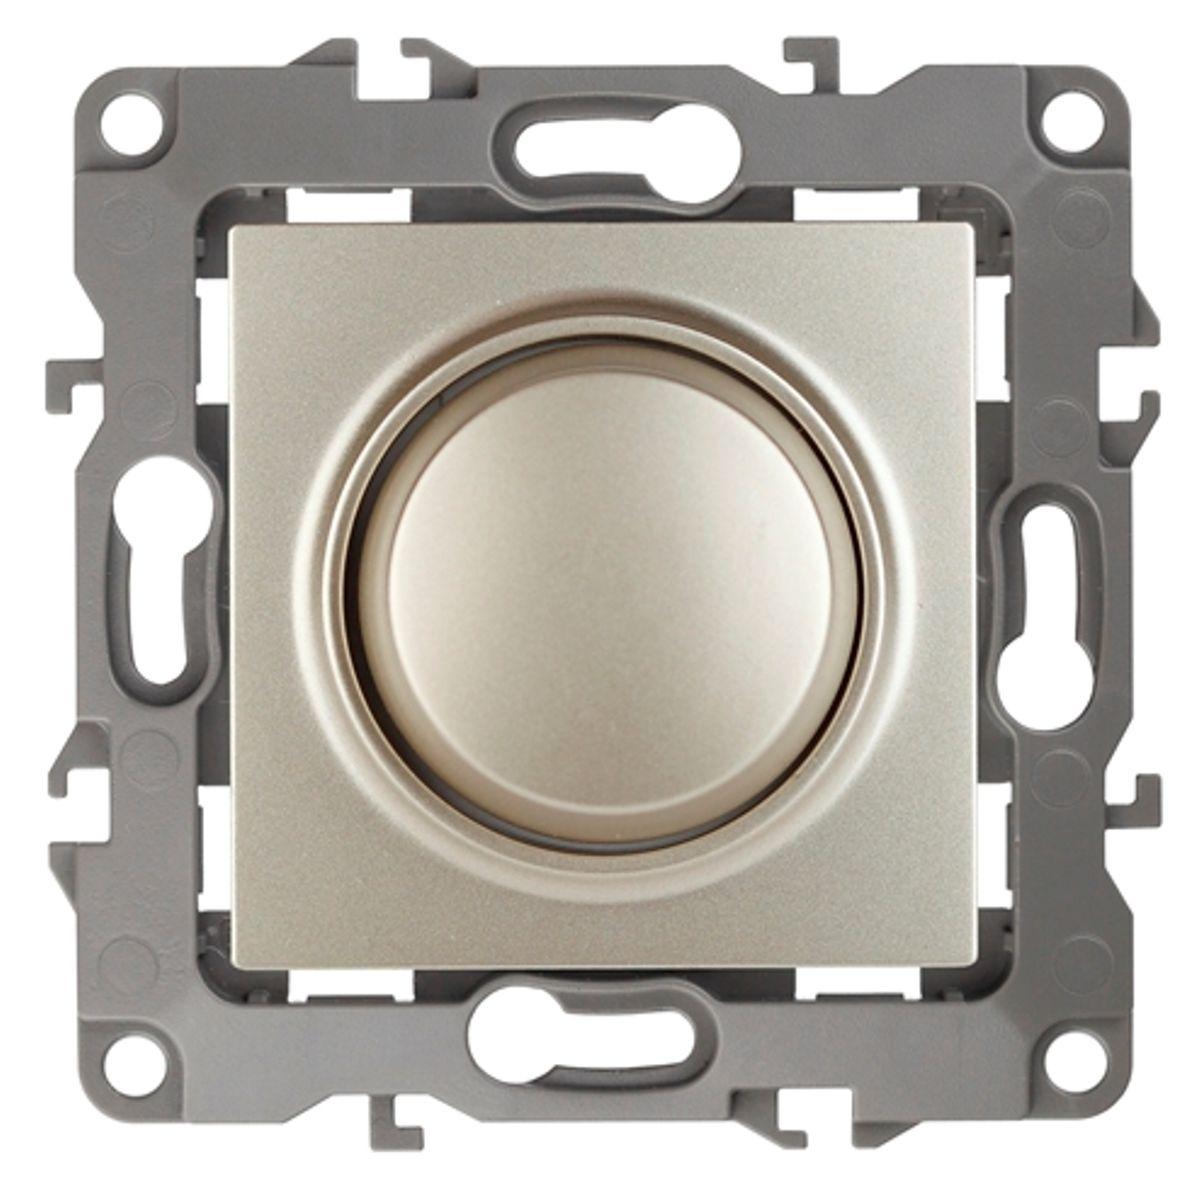 Светорегулятор поворотно-нажимной ЭРА, цвет: шампань, серый. 12-410112-4101-04Поворотно-нажимной светорегулятор ЭРА выполнен из прочного пластика, контакты бронзовые. Включение и выключение производится нажатием на кнопку диммера. Регулировка освещения производится во включенном состоянии. Подходит для ламп накаливания, галогеновых ламп и диммируемых LED ламп. Изделие имеет специальные фиксаторы, которые не дают ему смещаться как при монтаже, так и в процессе эксплуатации. Автоматические зажимы кабеля обеспечивают быстрый и надежный монтаж изделия к электросети без отвертки и не требуют обслуживания в отличие от винтовых зажимов.